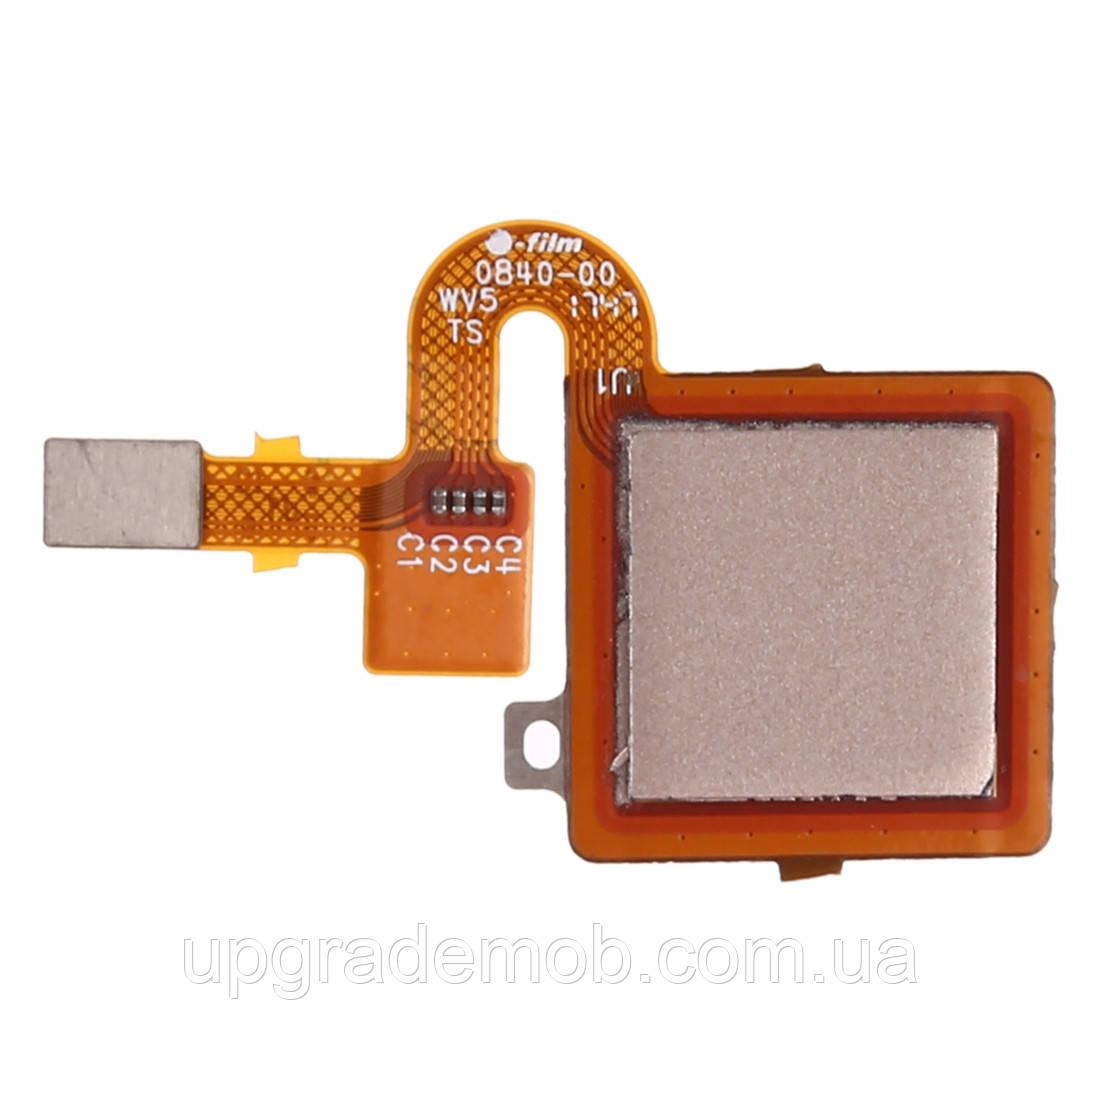 Шлейф Xiaomi Redmi 5 Plus, с сканером отпечатка пальца, золотистого цвета